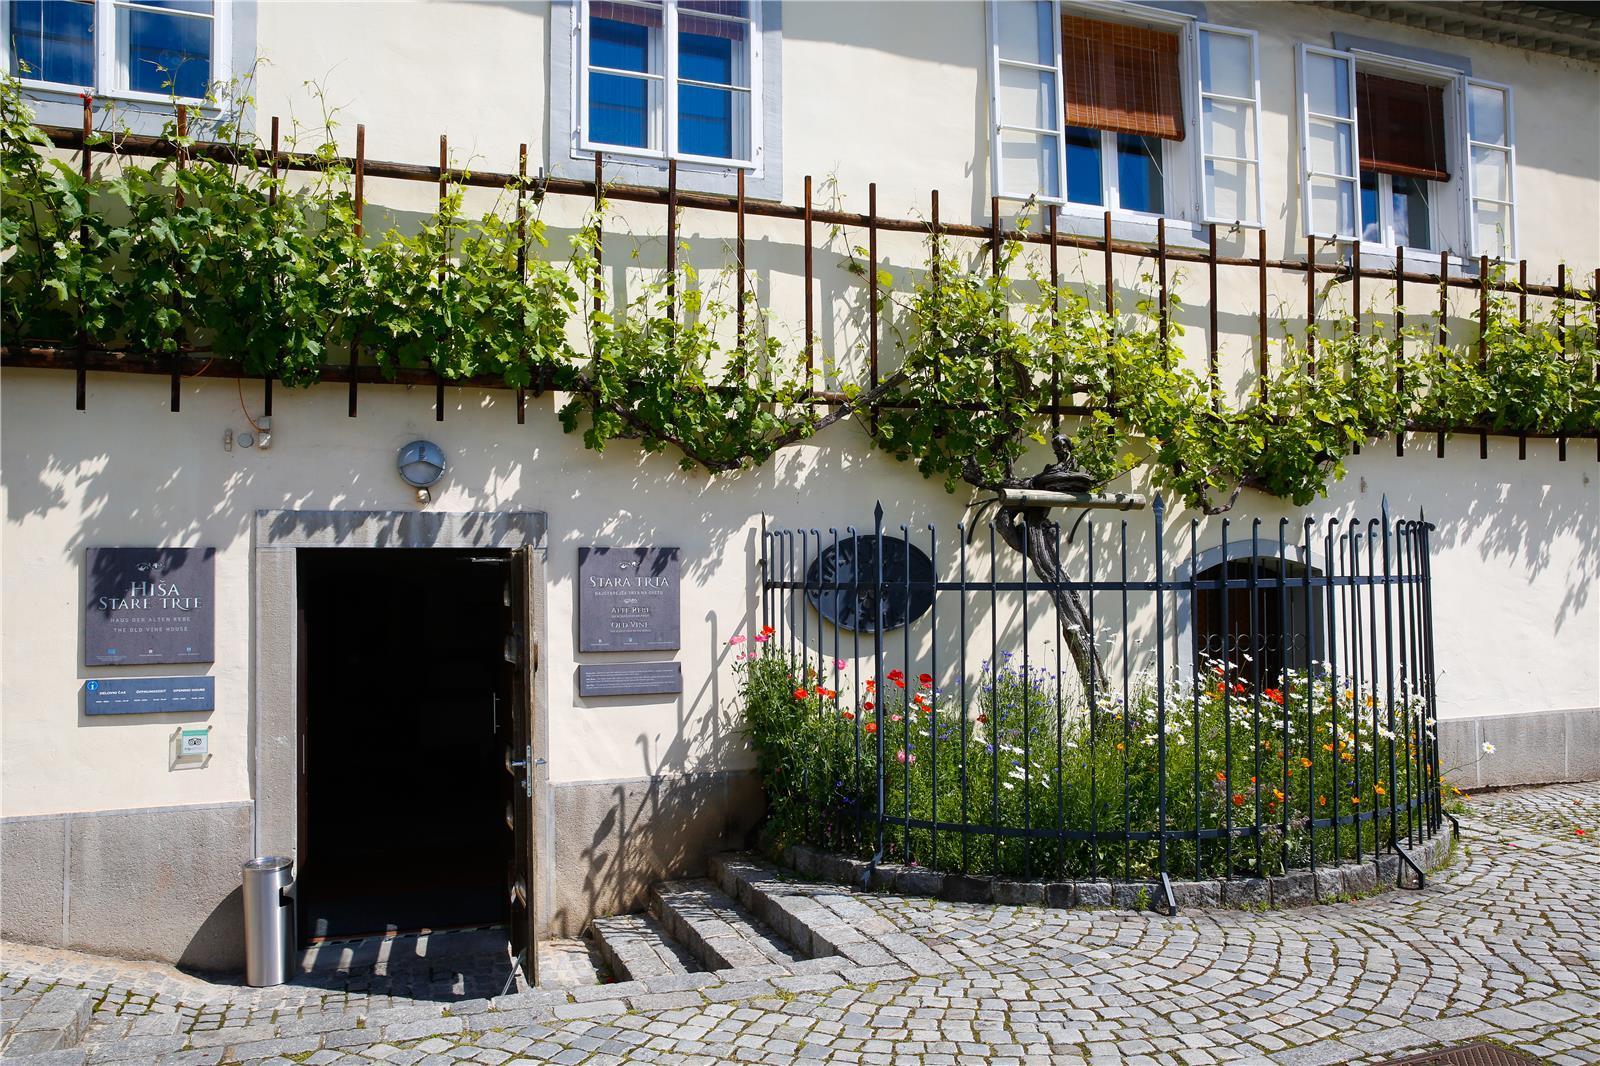 stara-trta-5-maribor-pohorje-slovenija-slovenia-slowenien-domen-groegl.jpg